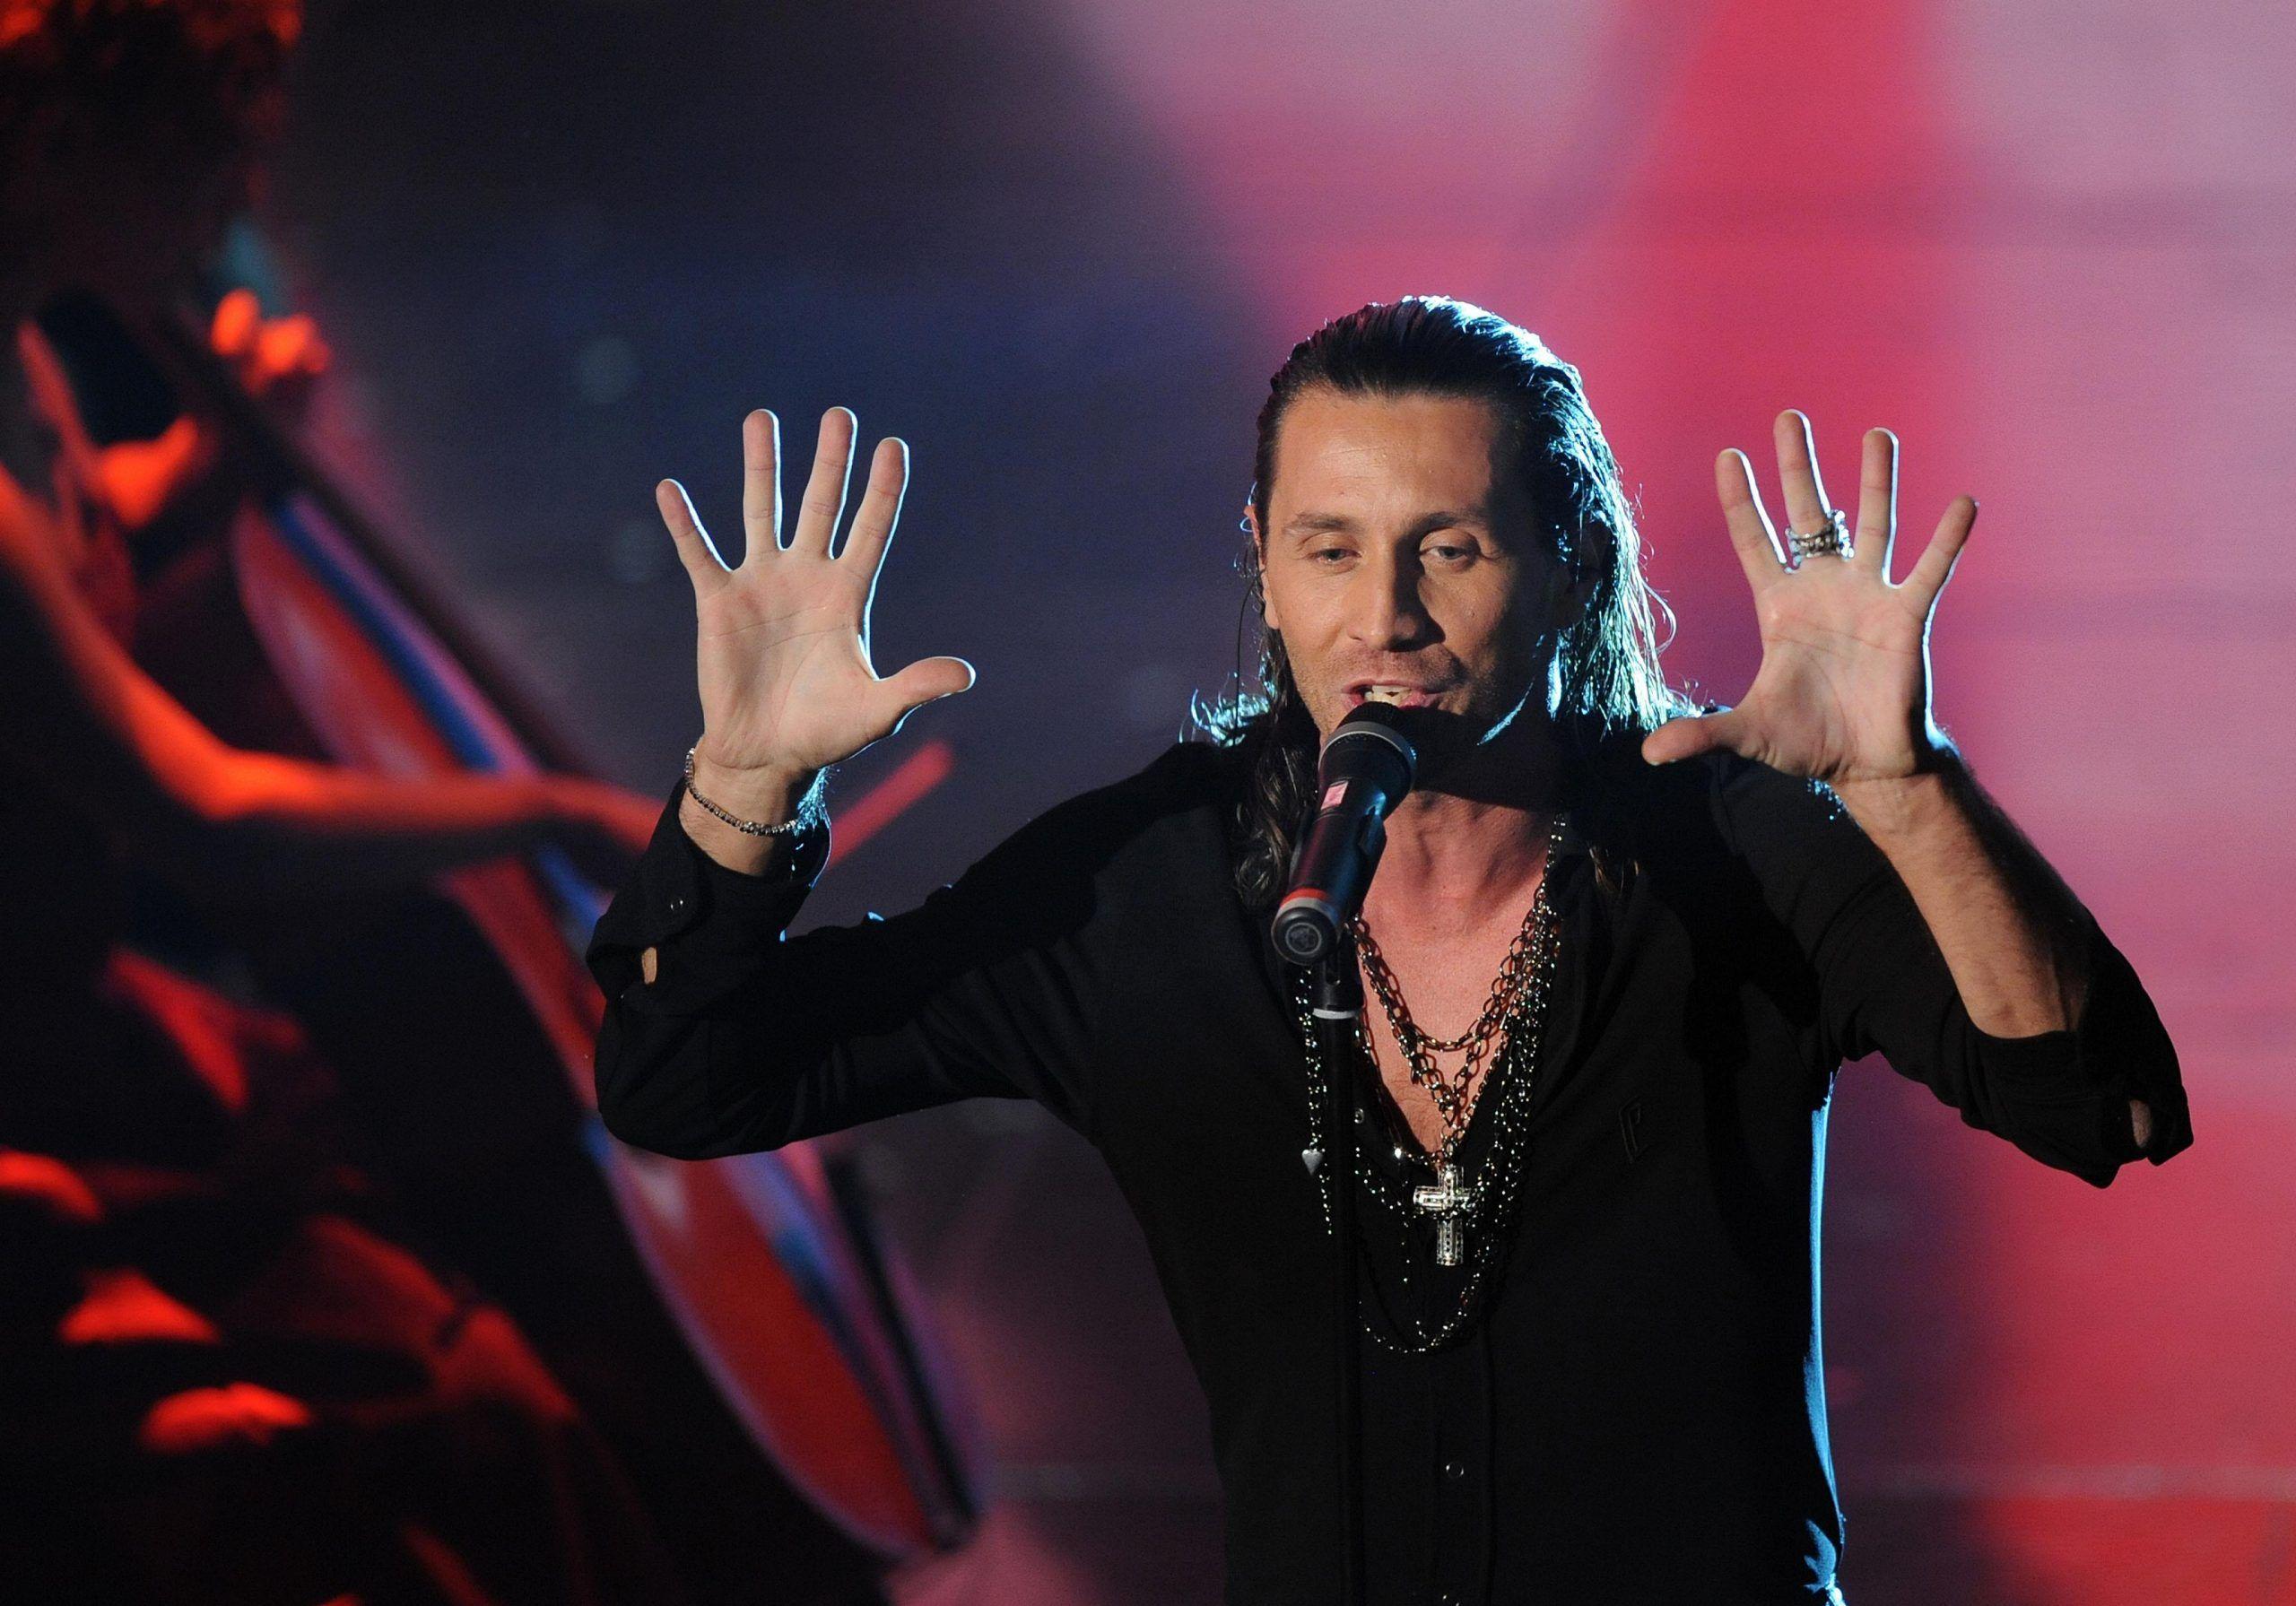 Povia: 'Non guardo X Factor, sono invidioso di chi sta lì: mi piacerebbe fare il giudice'